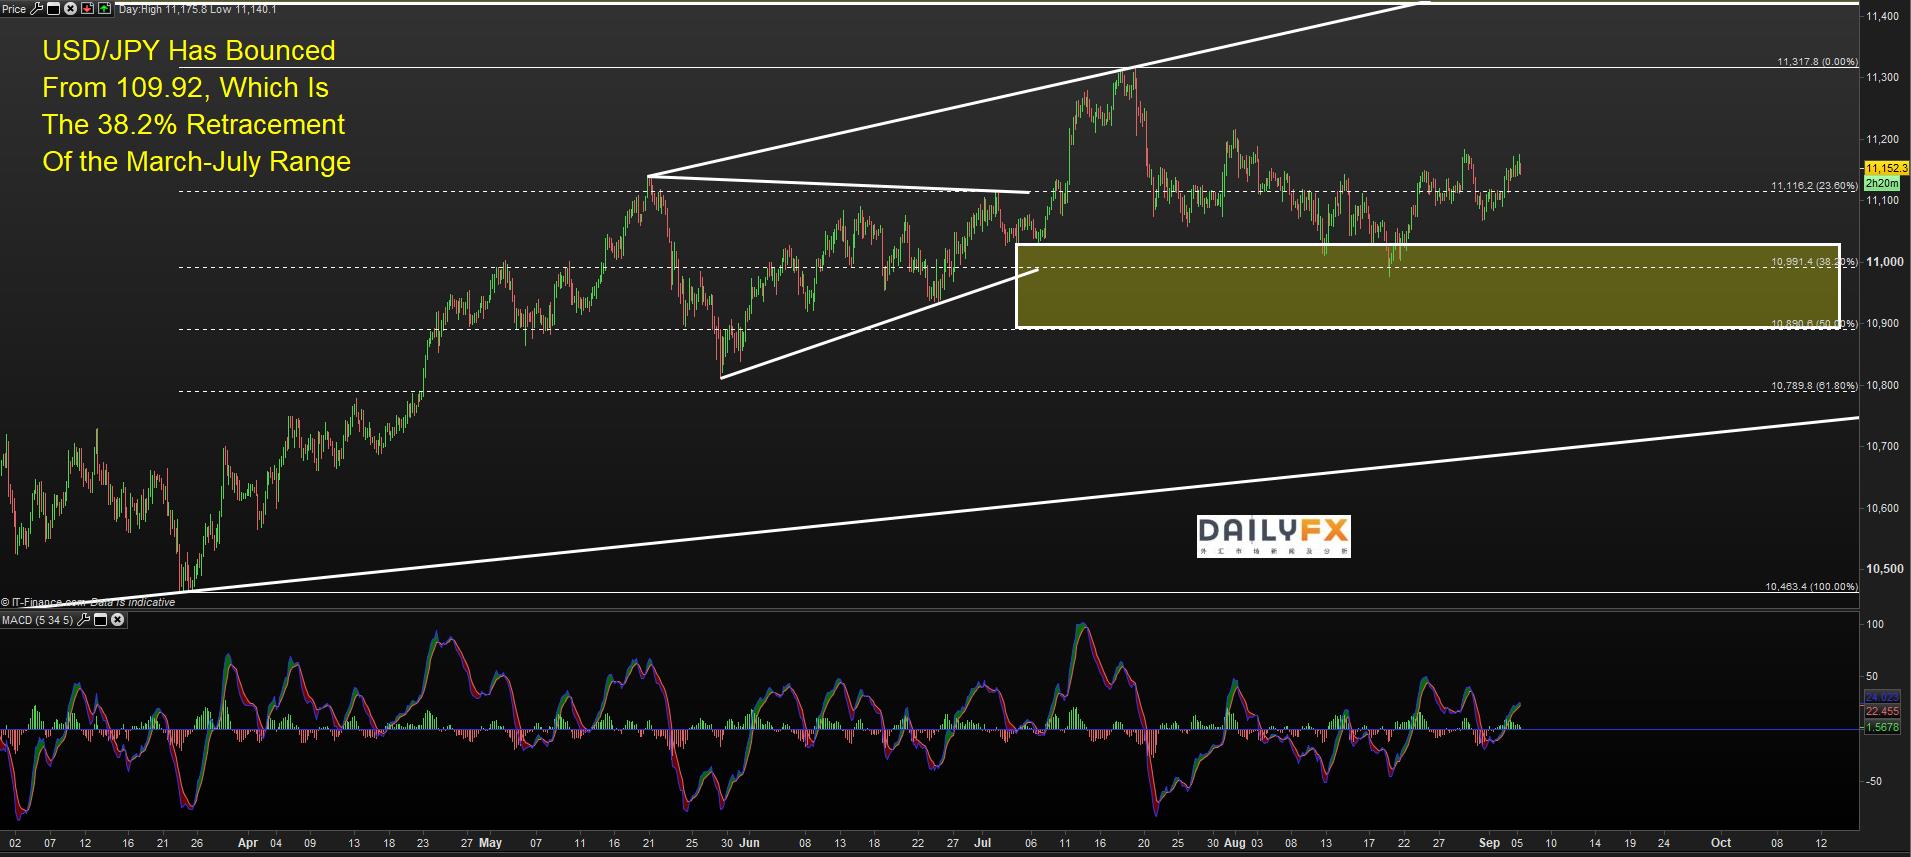 美元/日元技术分析:继续受困在长期三角形态内